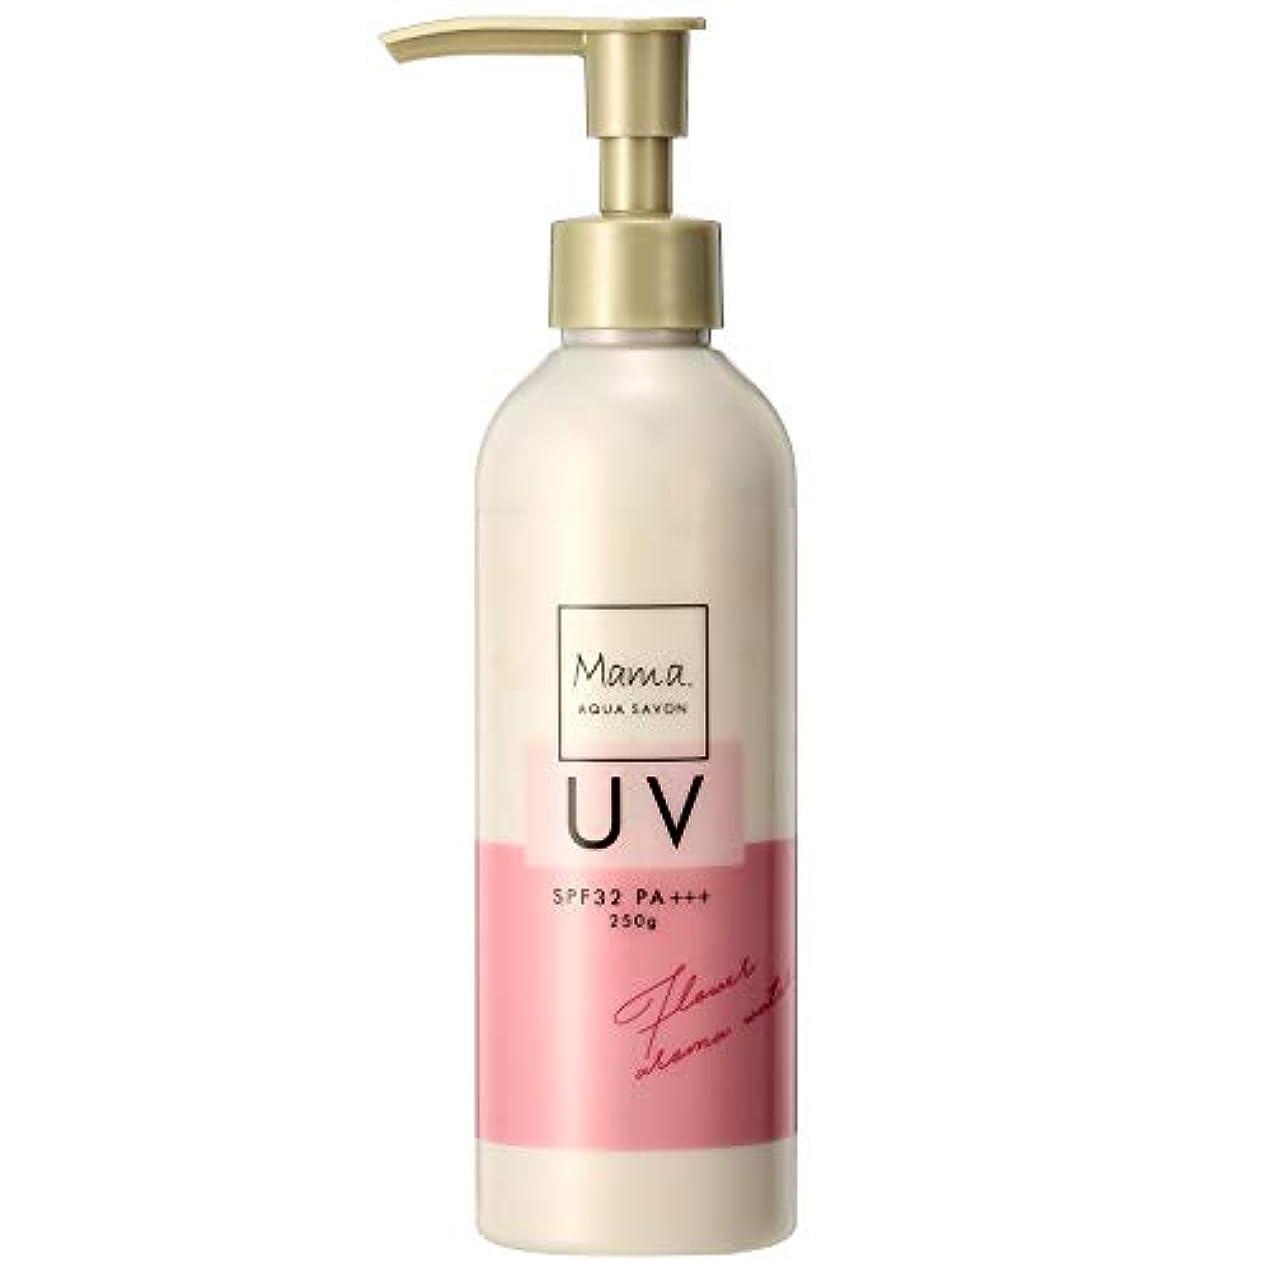 役員キリスト教うぬぼれママアクアシャボン UVモイストジェル フラワーアロマウォーターの香り 19S 250g